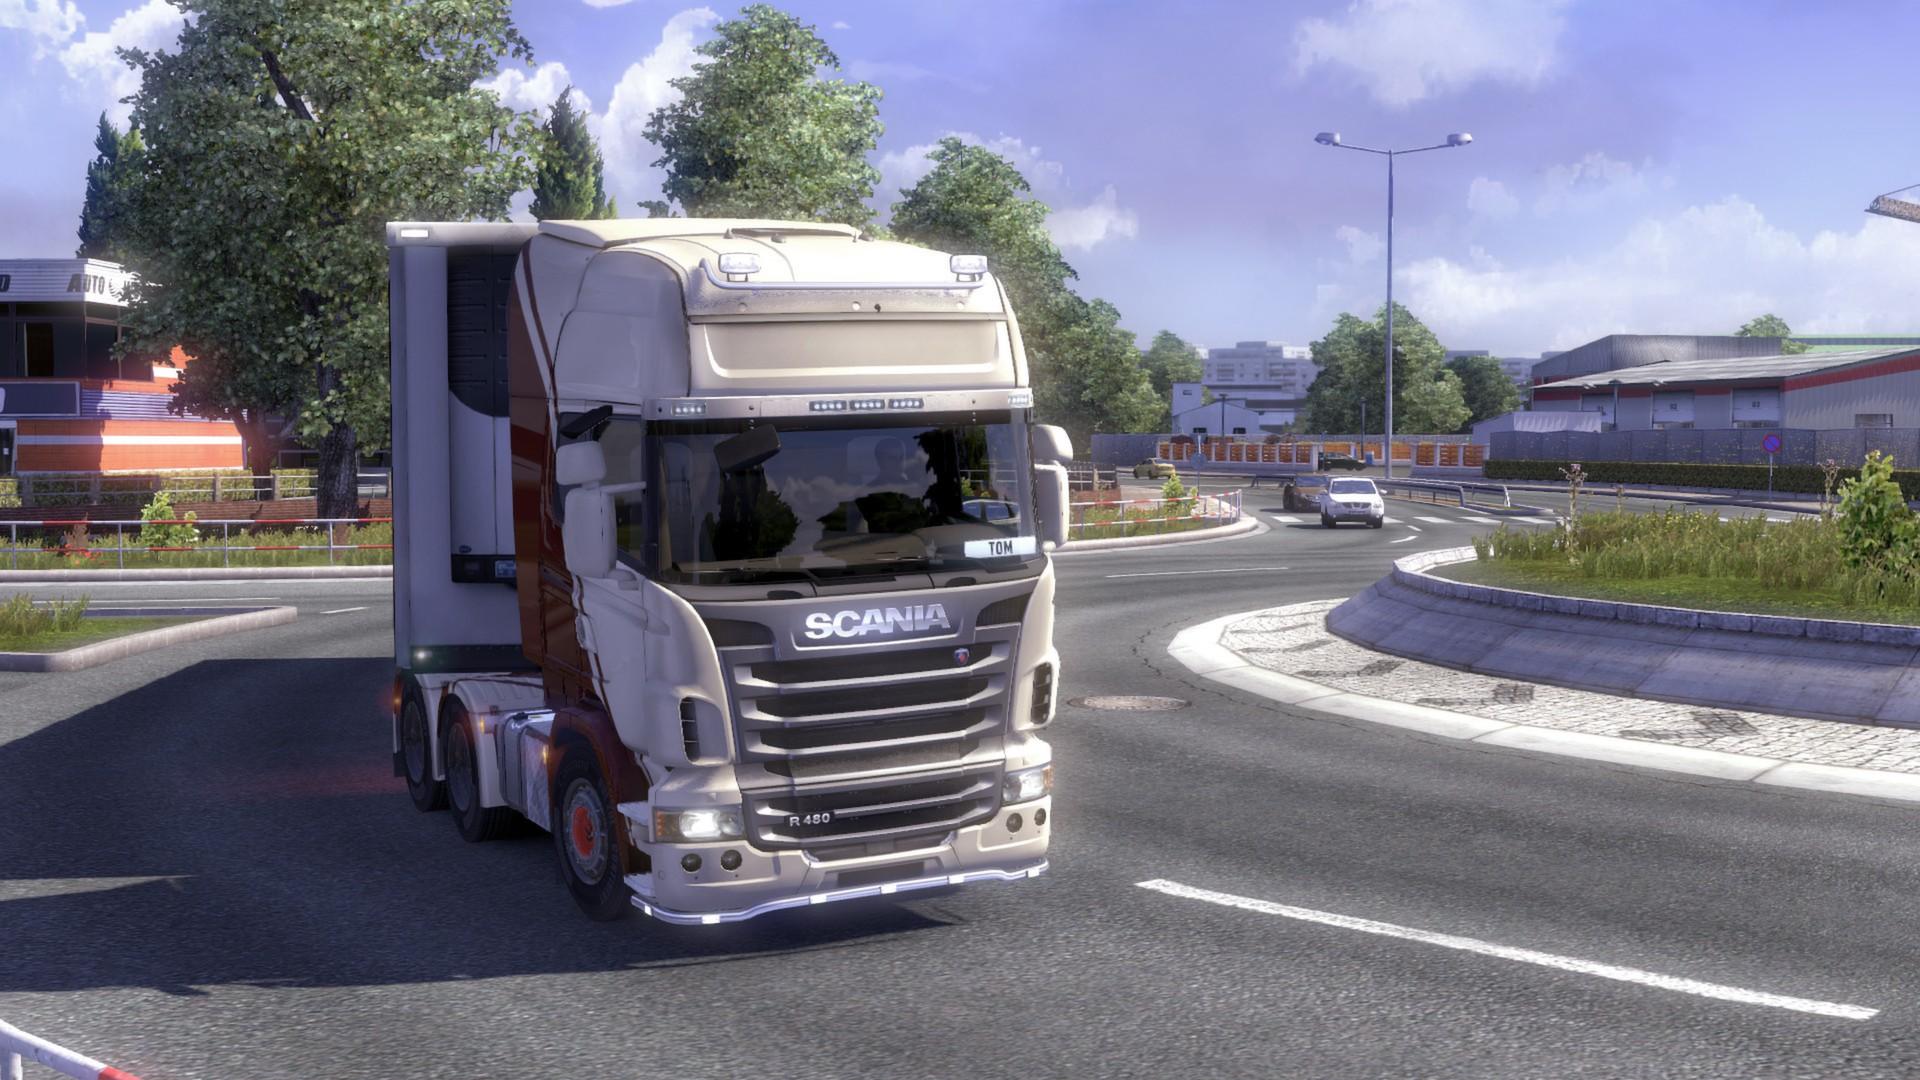 kaufen euro truck simulator 2 pc spiel steam download. Black Bedroom Furniture Sets. Home Design Ideas